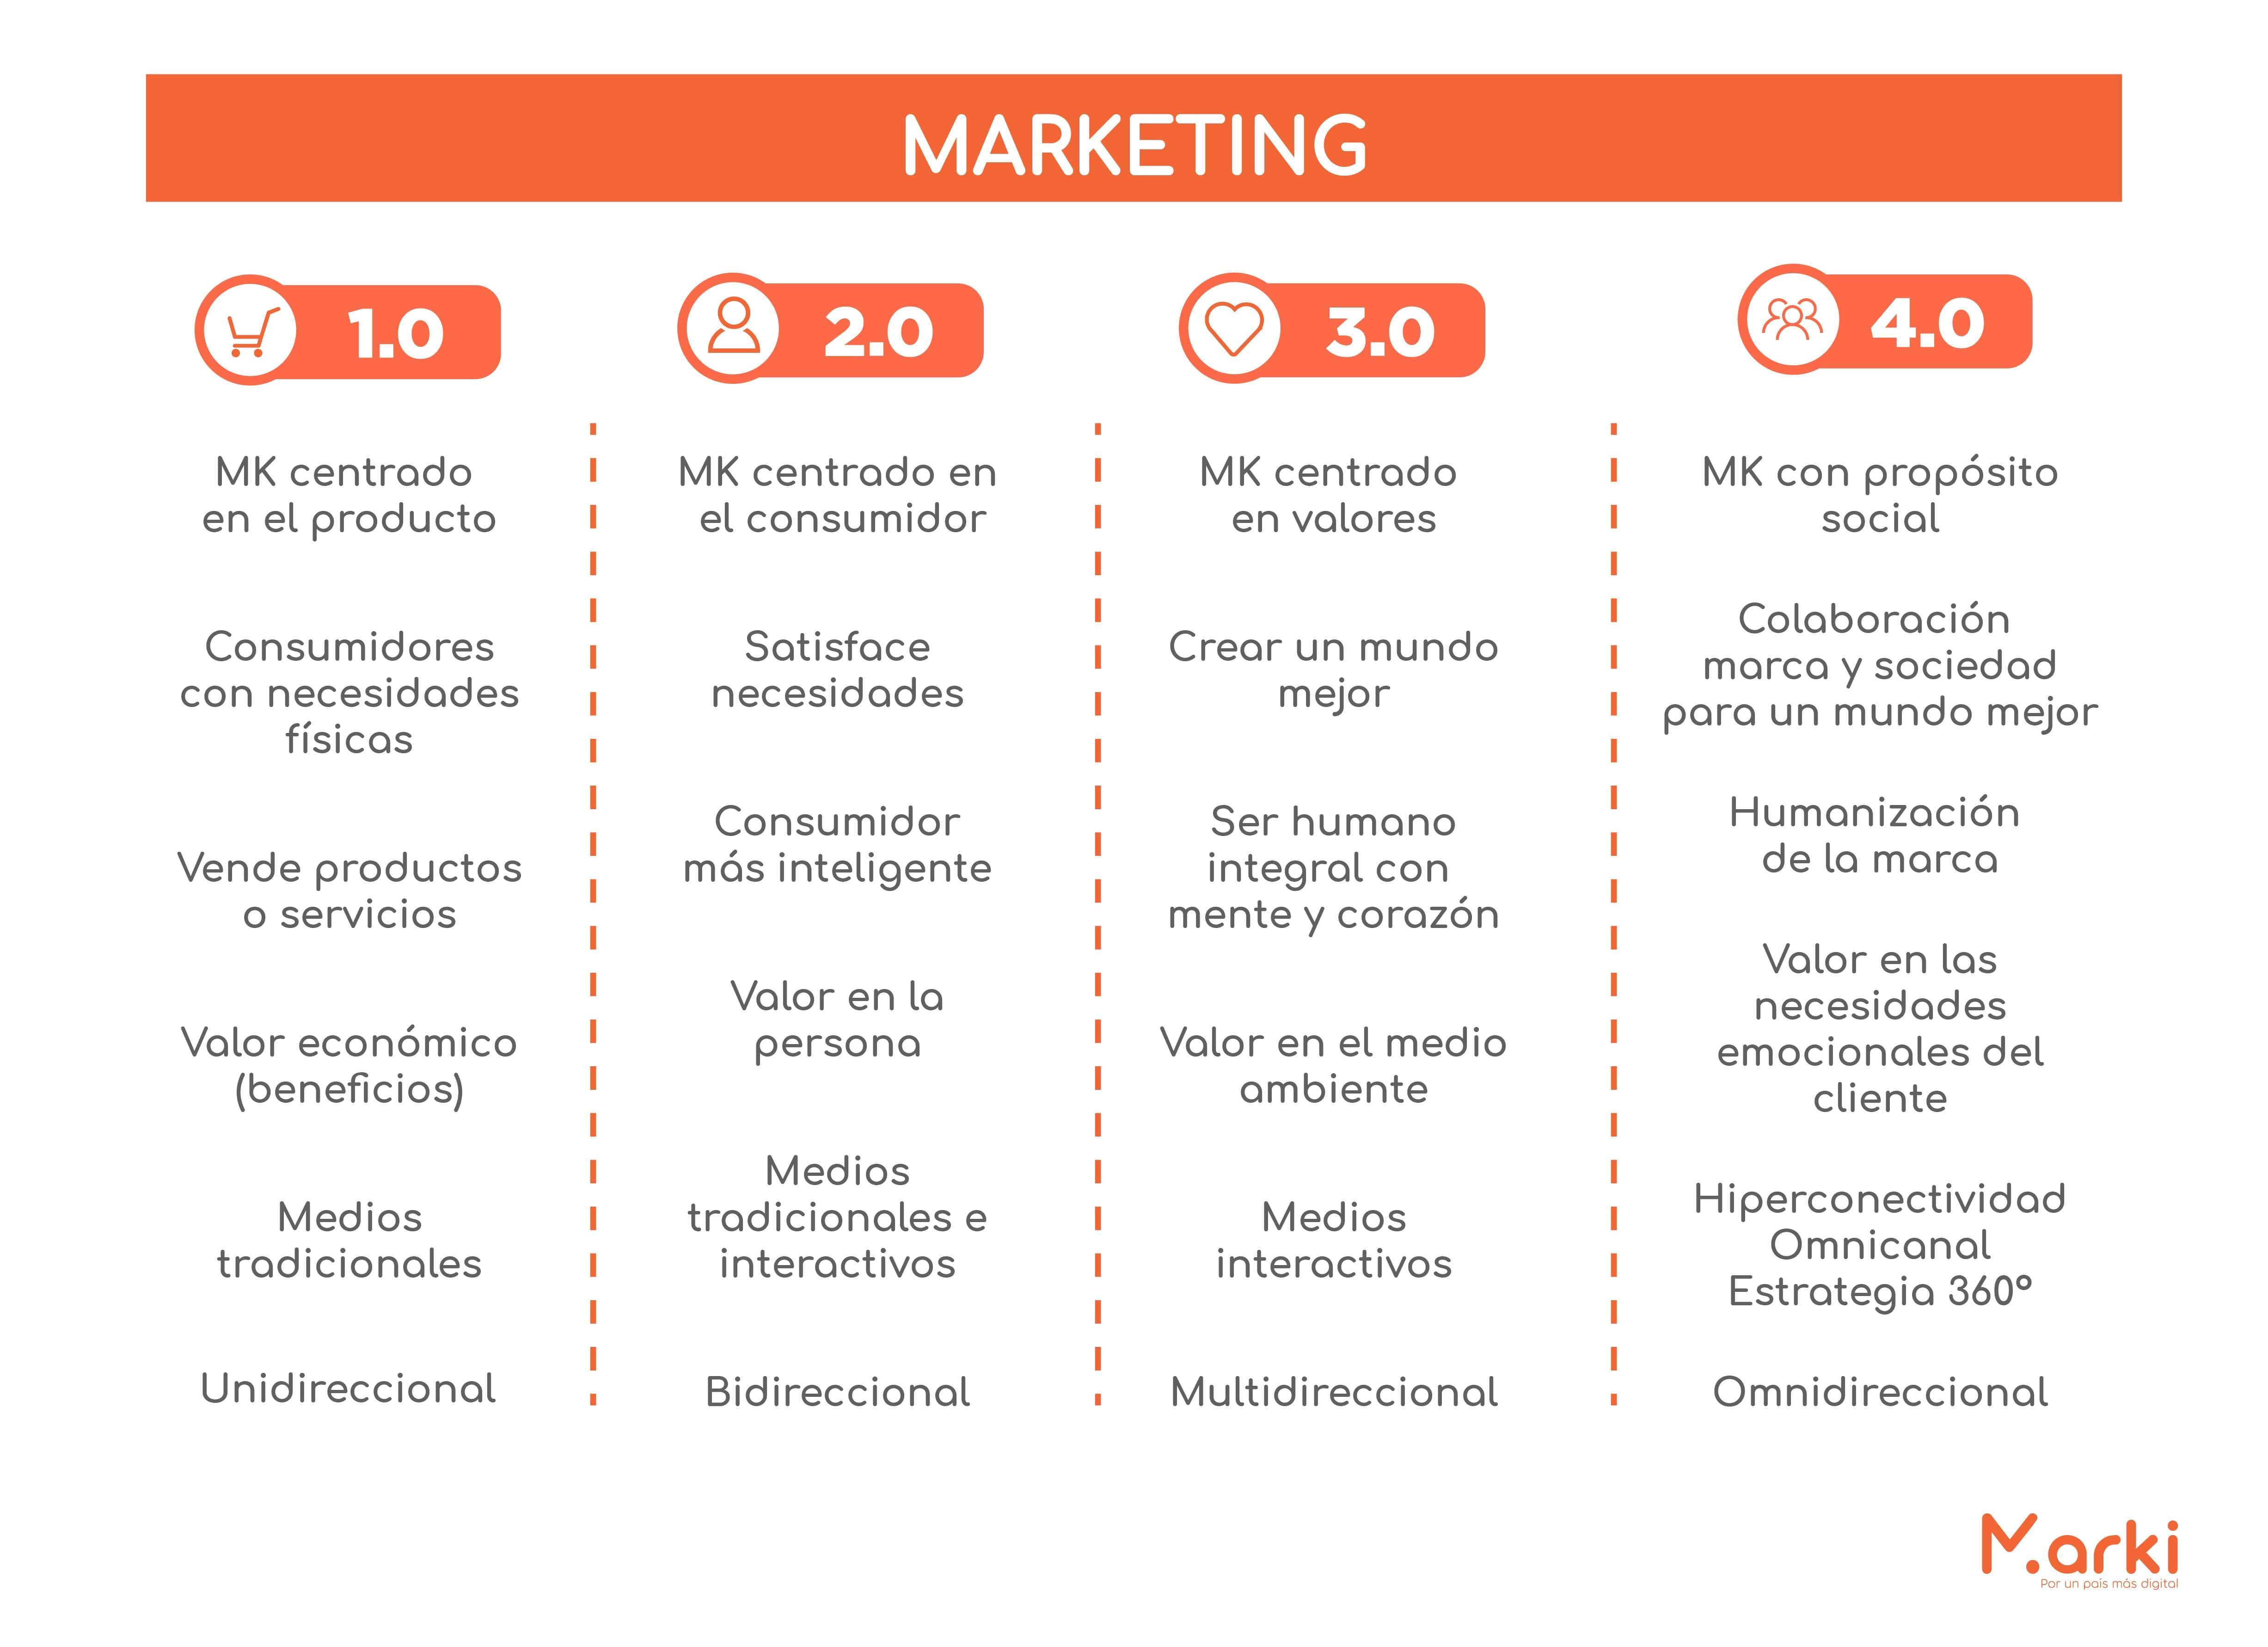 marketing 1.0 2.0 3.0 4.0 evolucion del marketing digital la evolucion del marketing digital la nueva era digital como surgio el marketing digital los negocios en la era digital voluntarios universitarios voluntariado peru voluntariado online voluntariado marki